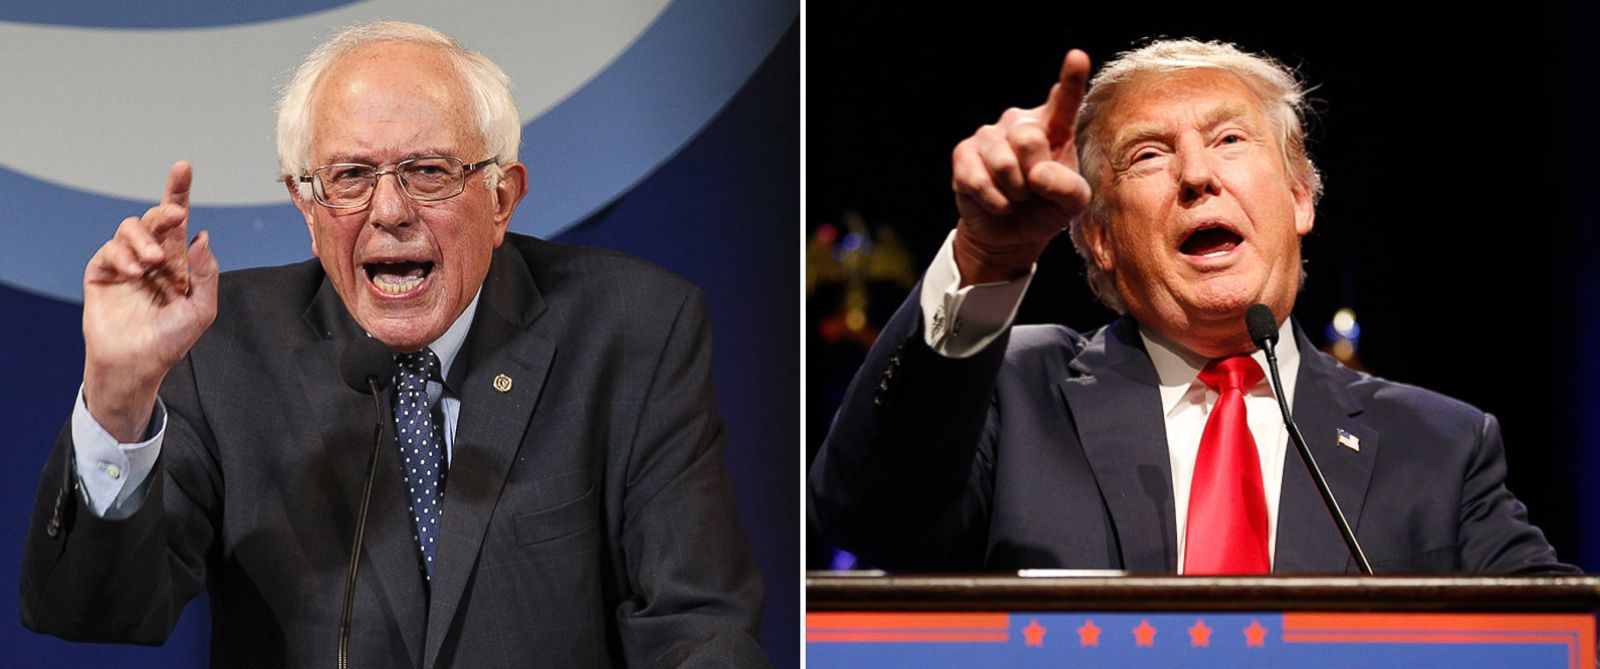 PHOTO: Bernie Sanders speaks in Manchester, N.H., Nov. 29, 2015 and Donald Trump speaks at a rally in Las Vegas, Dec. 14, 2015.